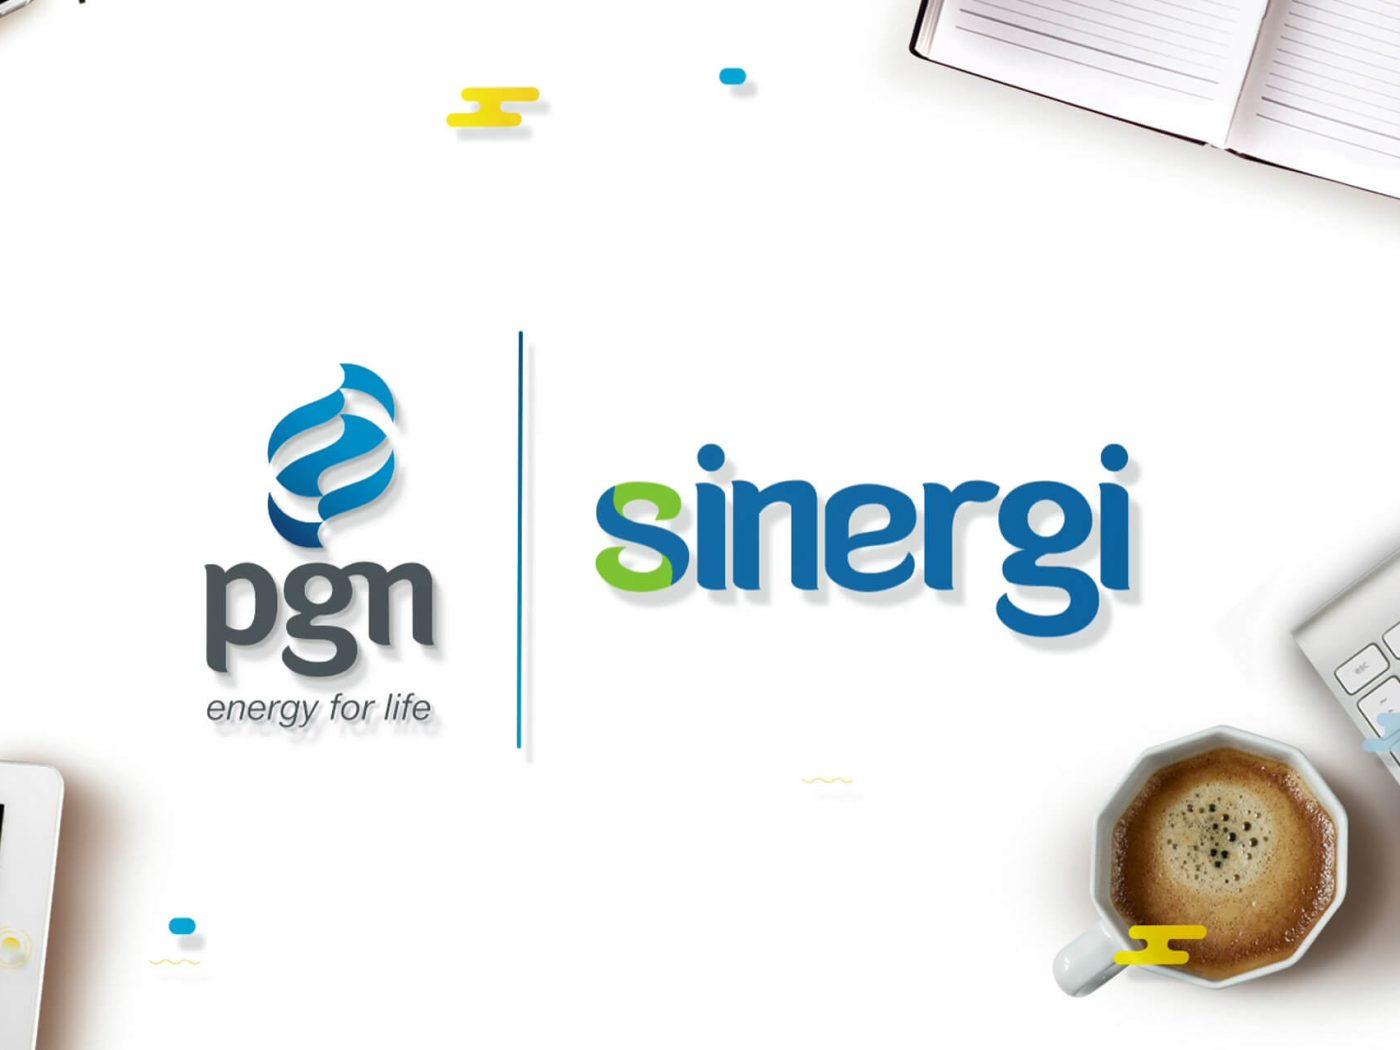 PGN SINERGI_Image Banner 1920 x 1277